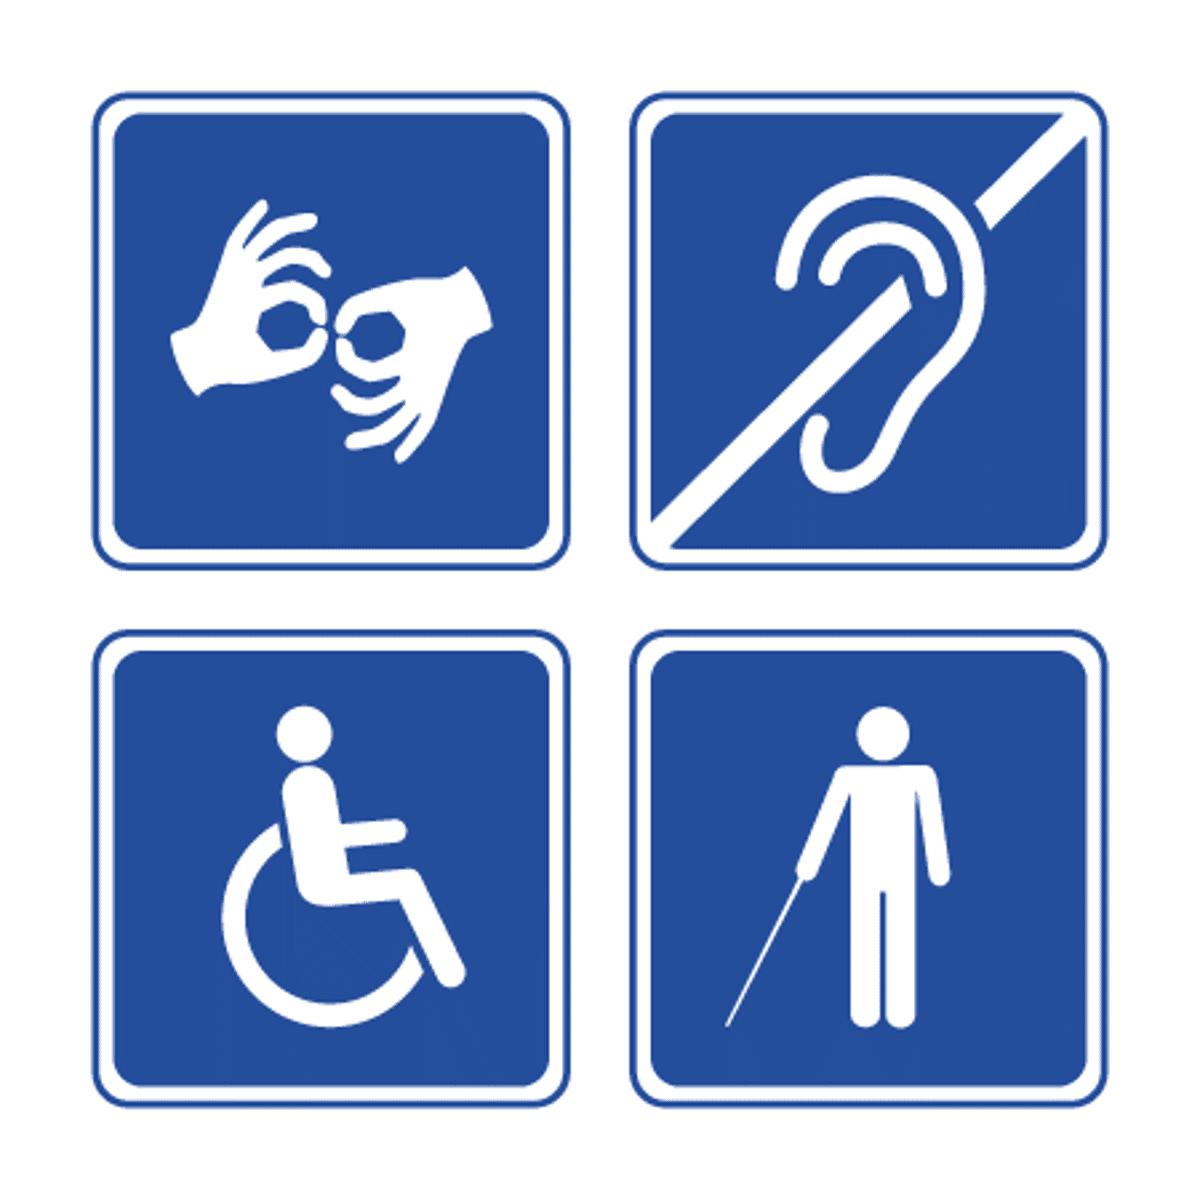 Visando garantir mais acessibilidade, o Projeto de lei 9284/2017 quer aumentar o tempo de prova teórica para obtenção da Carteira Nacional de Habilitação para pessoas com deficiência.